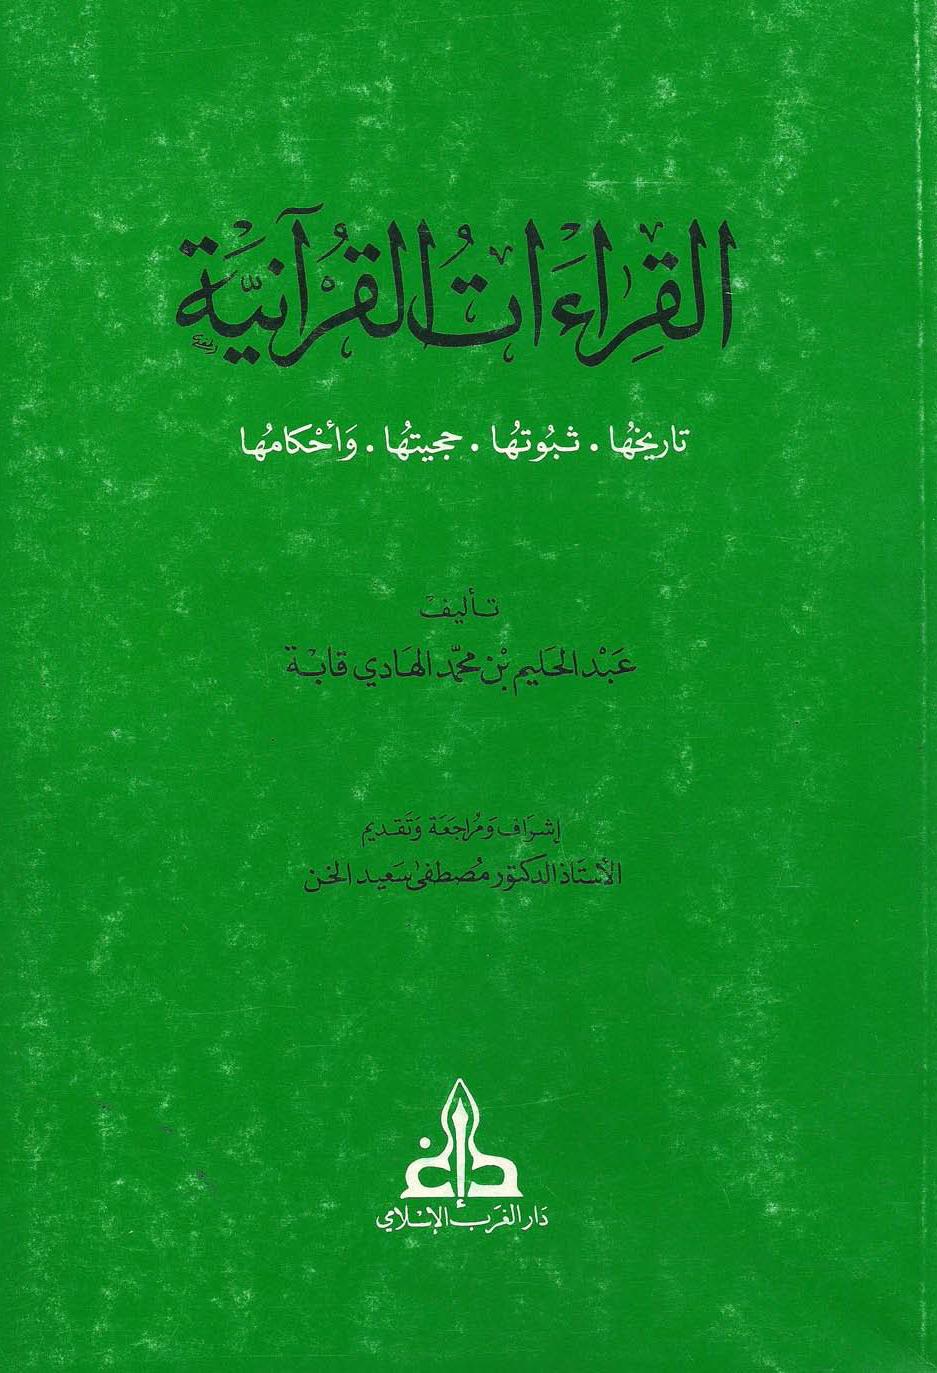 تحميل كتاب القراءات القرآنية: تاريخها - ثبوتها - حجيتها - وأحكامها لـِ: الدكتور عبد الحليم بن محمد الهادي قابة